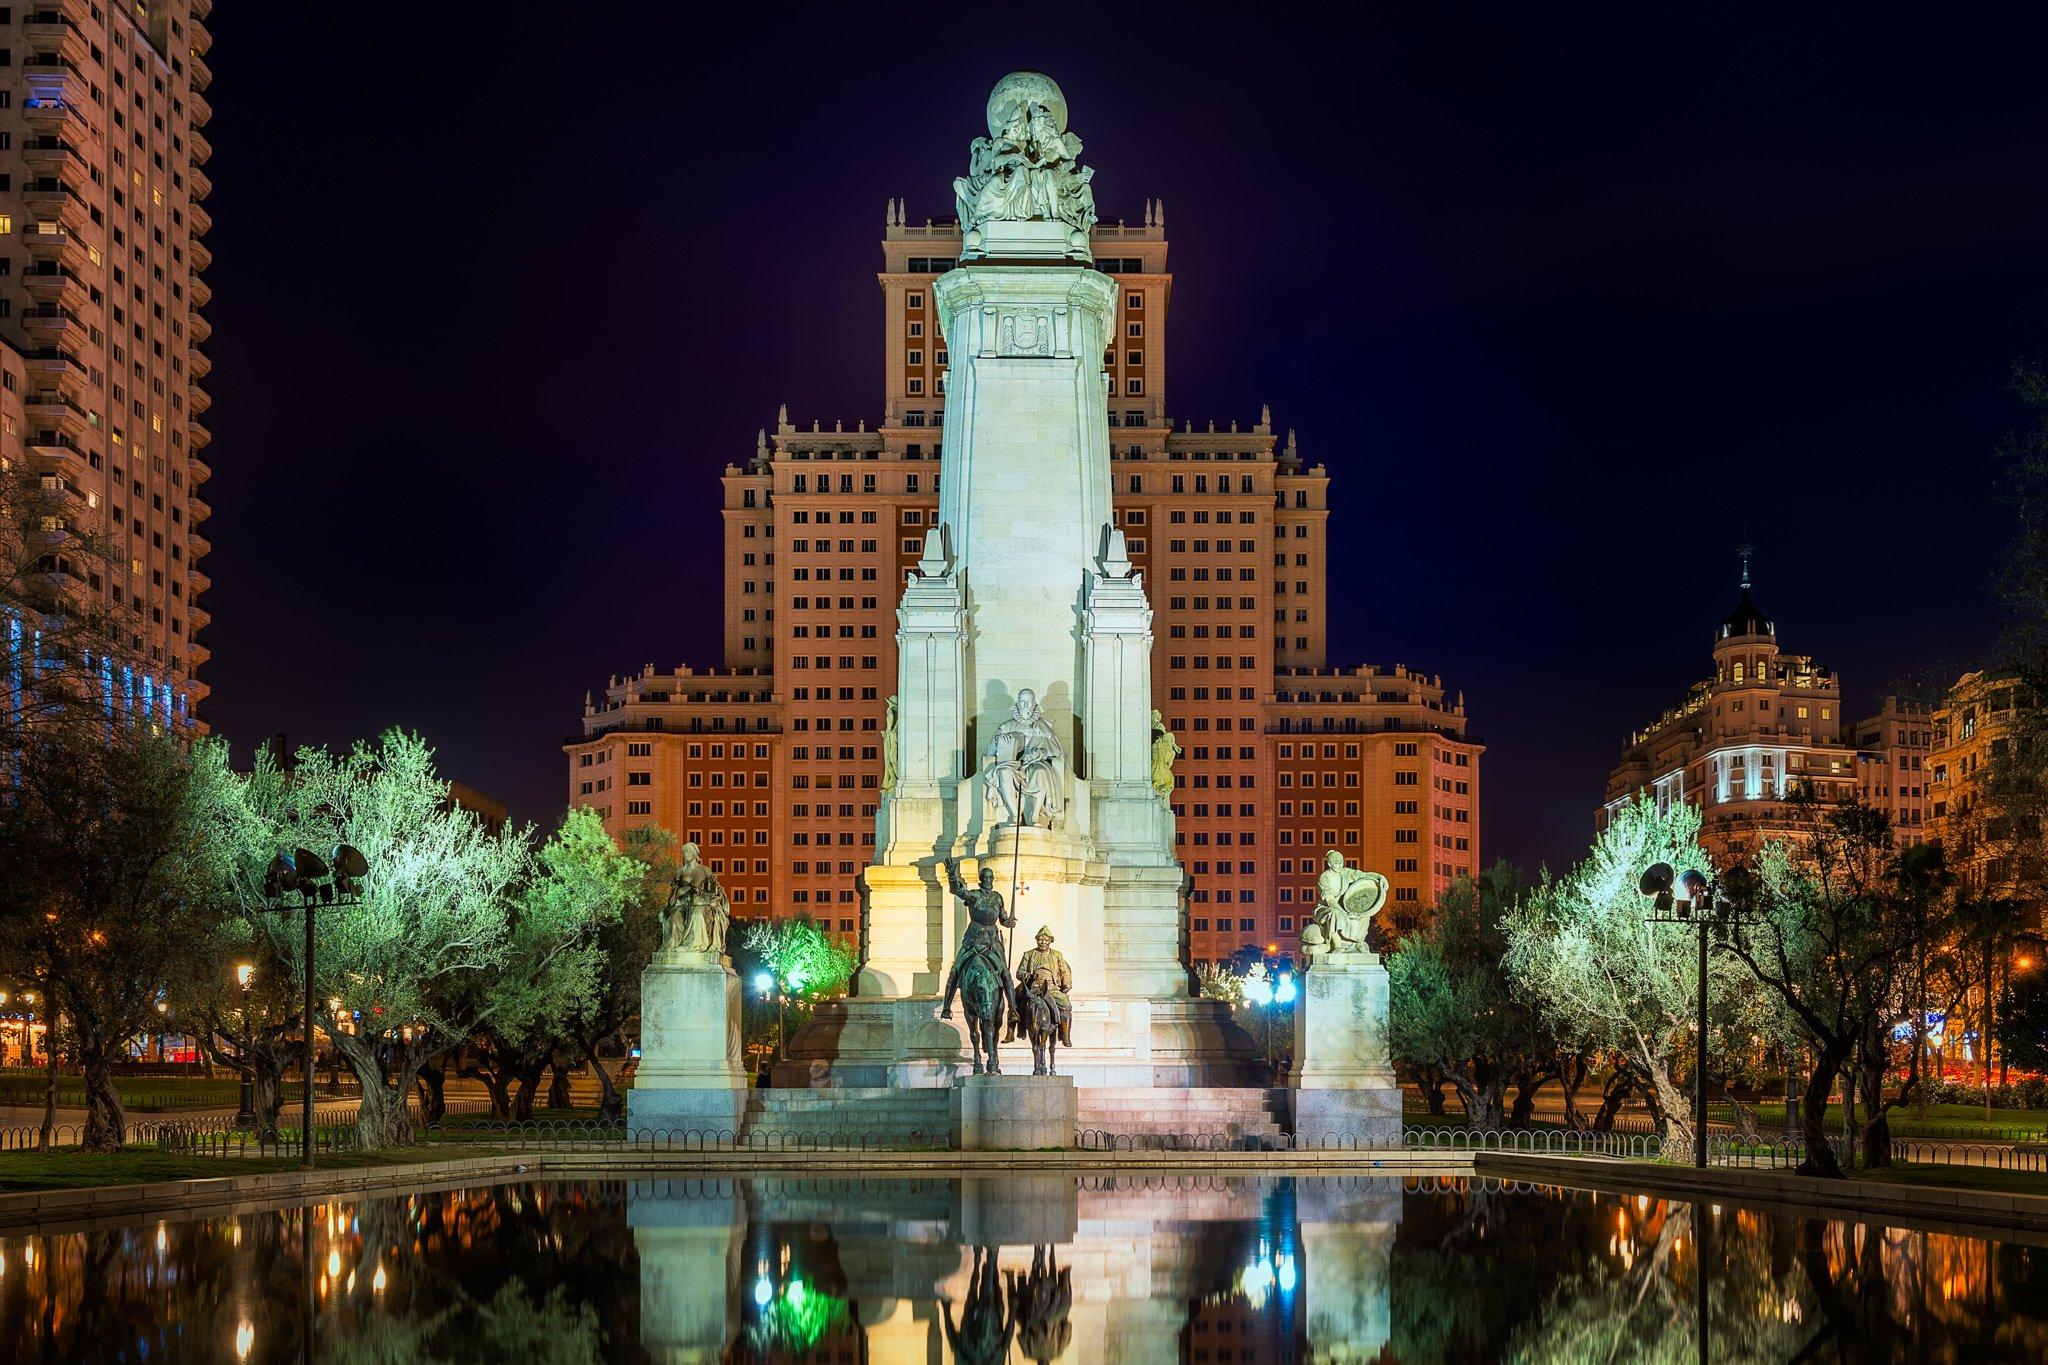 Cervantes-Denkmal mit Don Quichote Sancho Pensa auf der Piazza de España in Madrid während der Nacht.